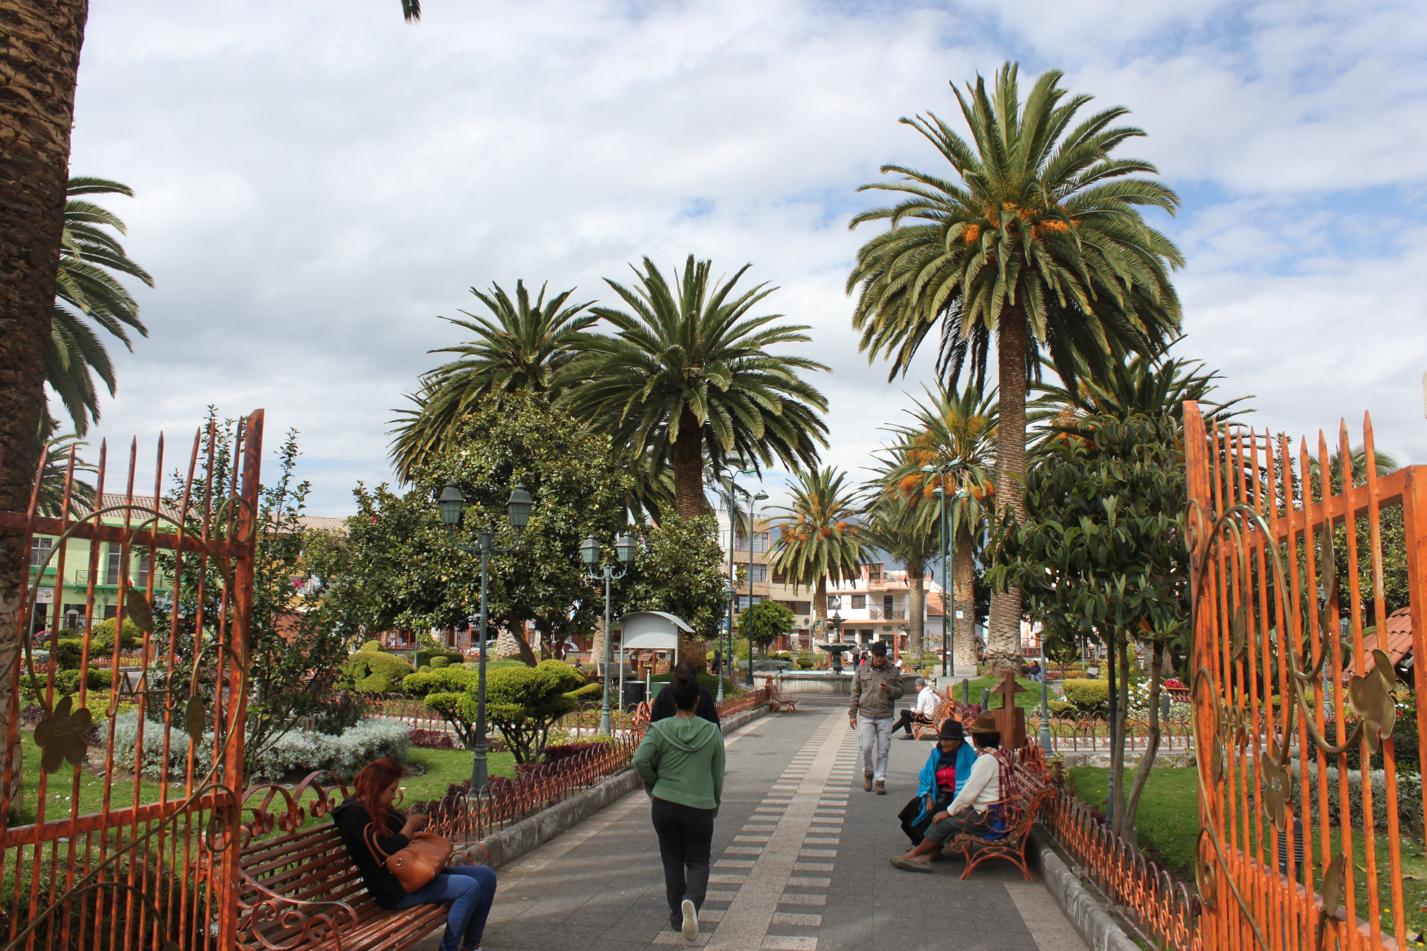 Blick auf den Hauptplatz von San Miguel.